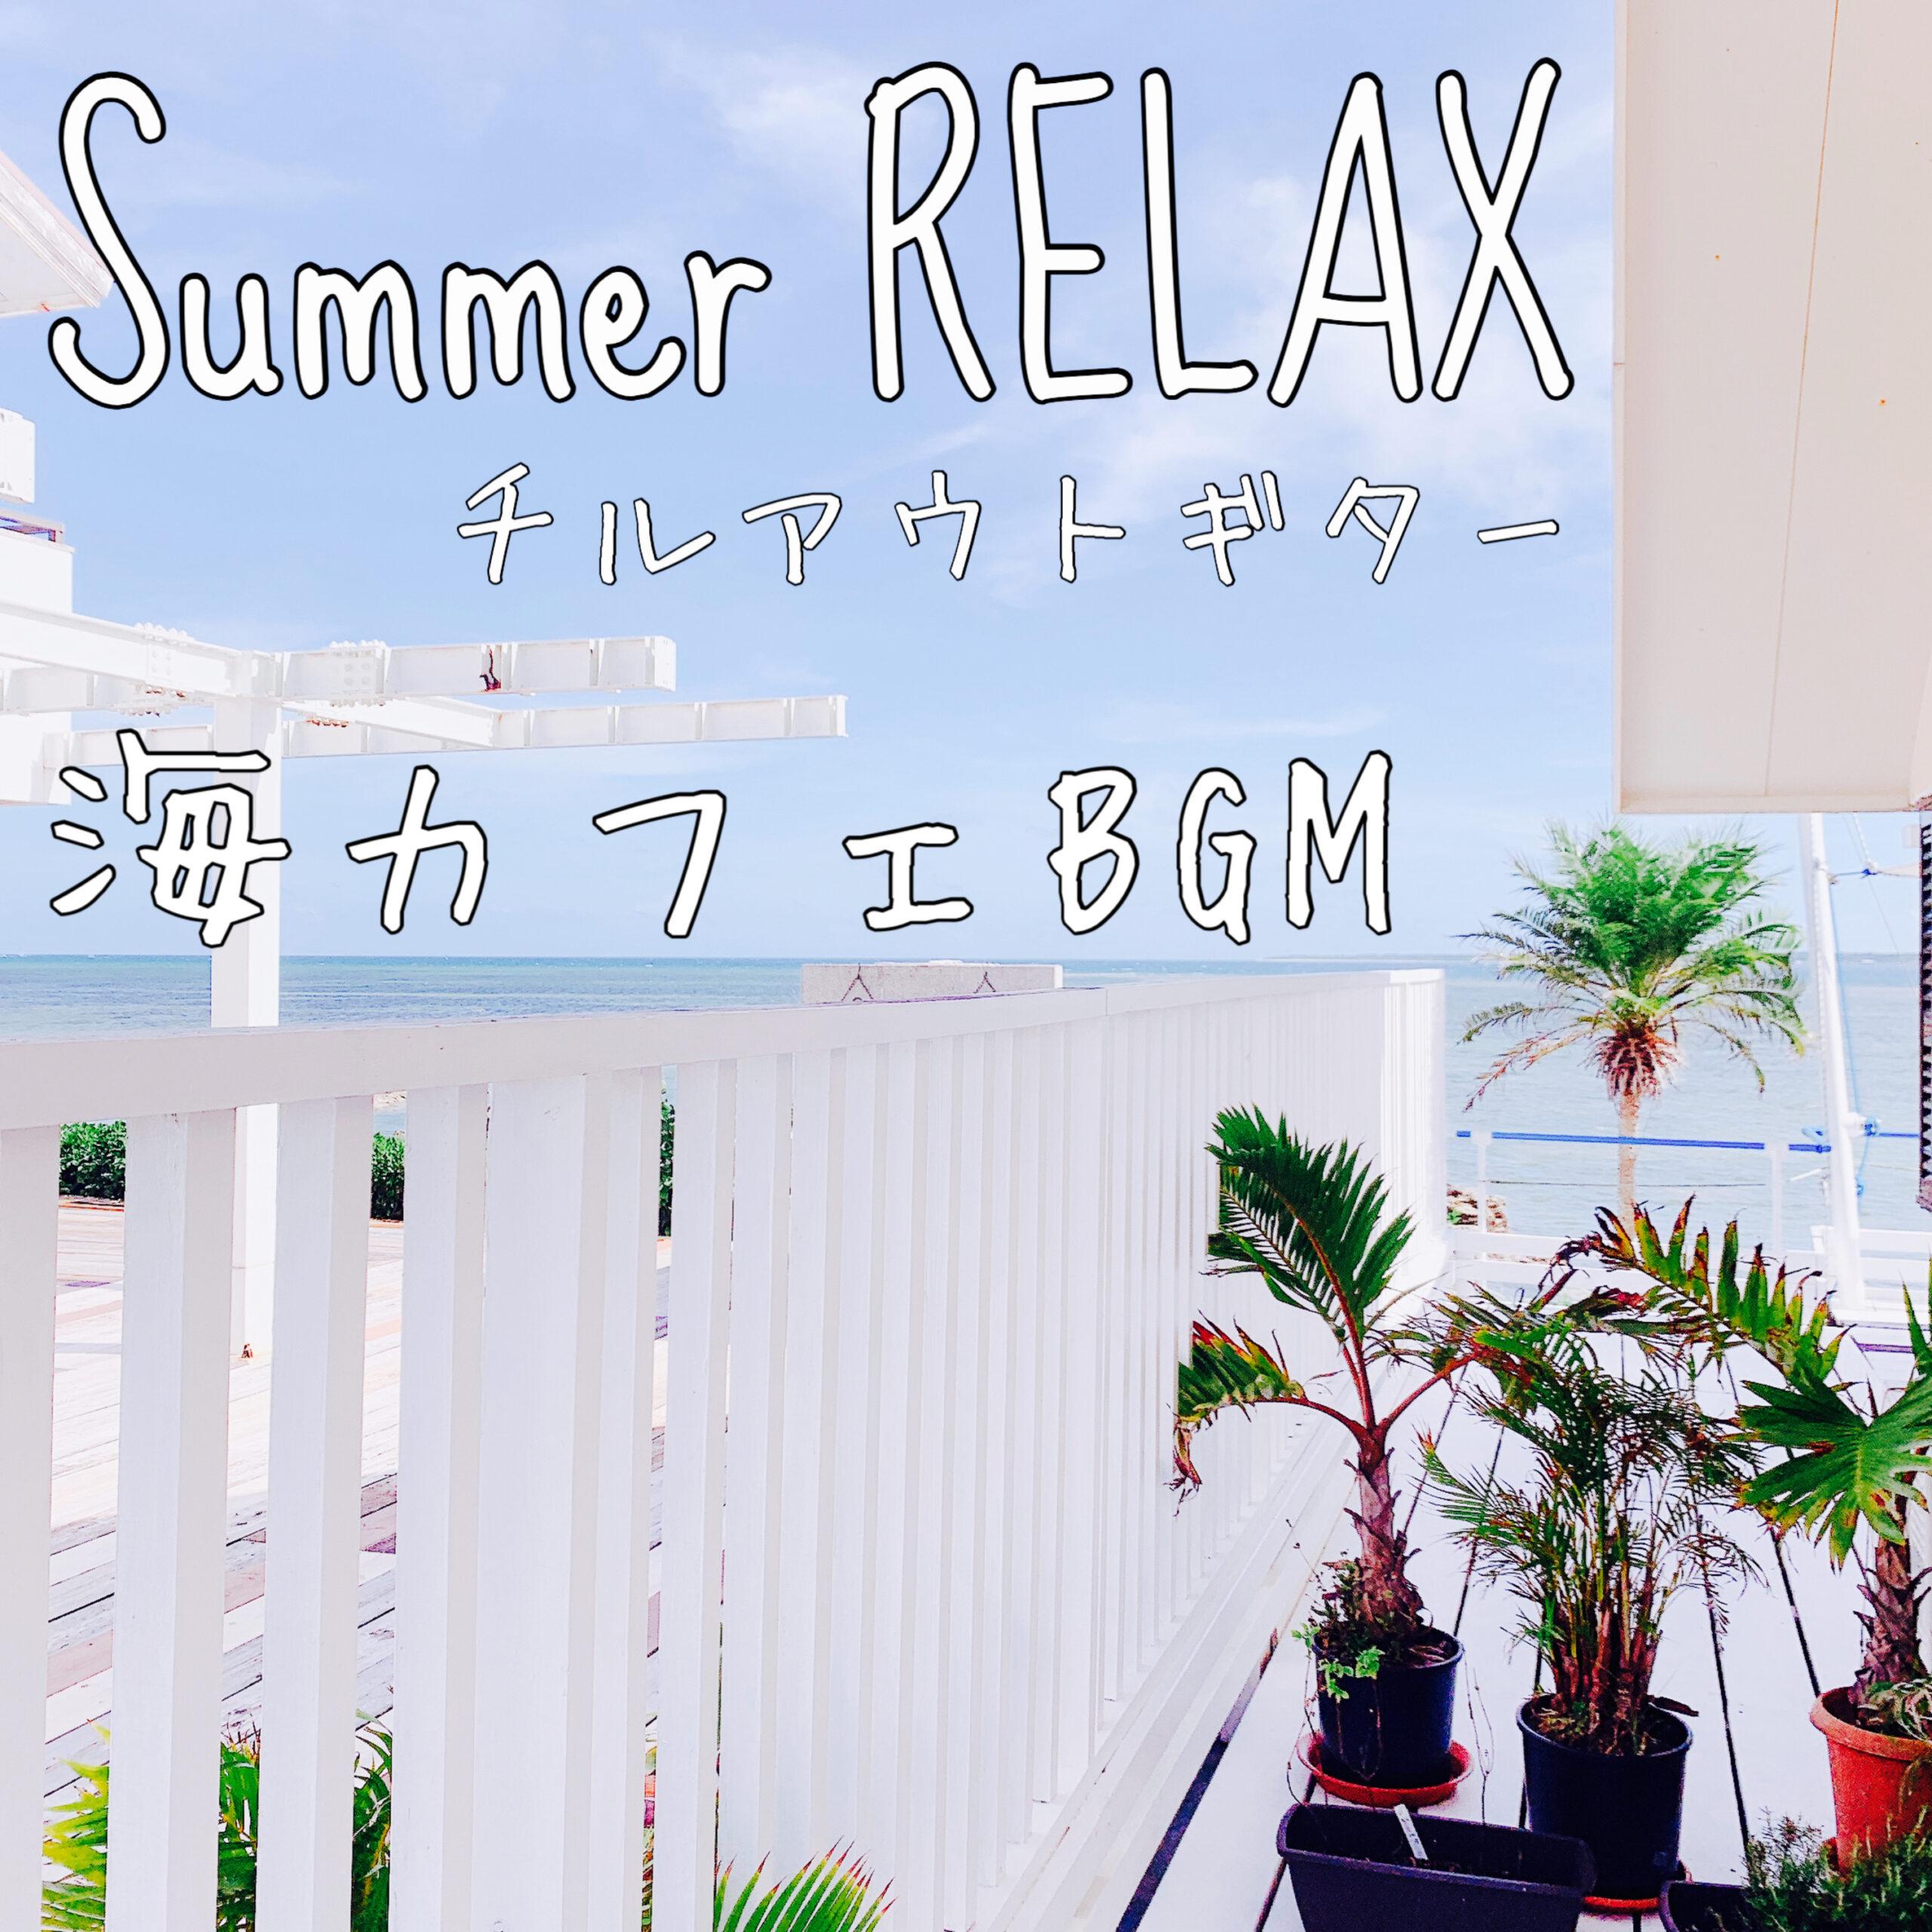 Summer RELAX チルアウトギター 海カフェBGM